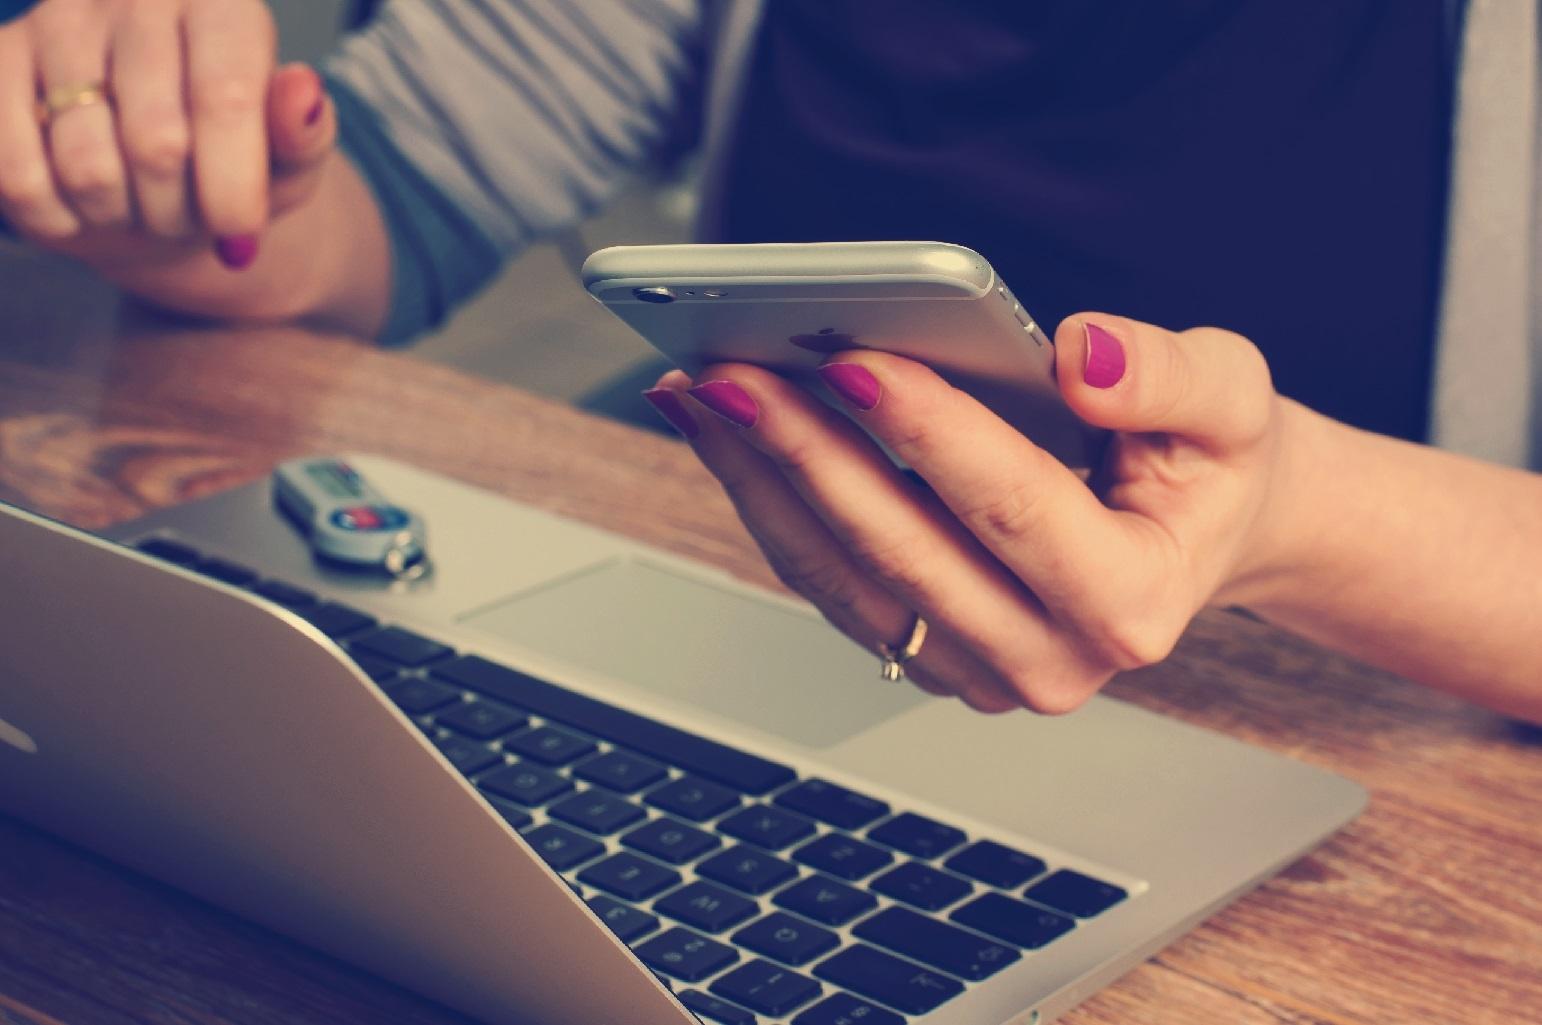 Прототипирование мобильного приложения: от идеи до рабочего экрана